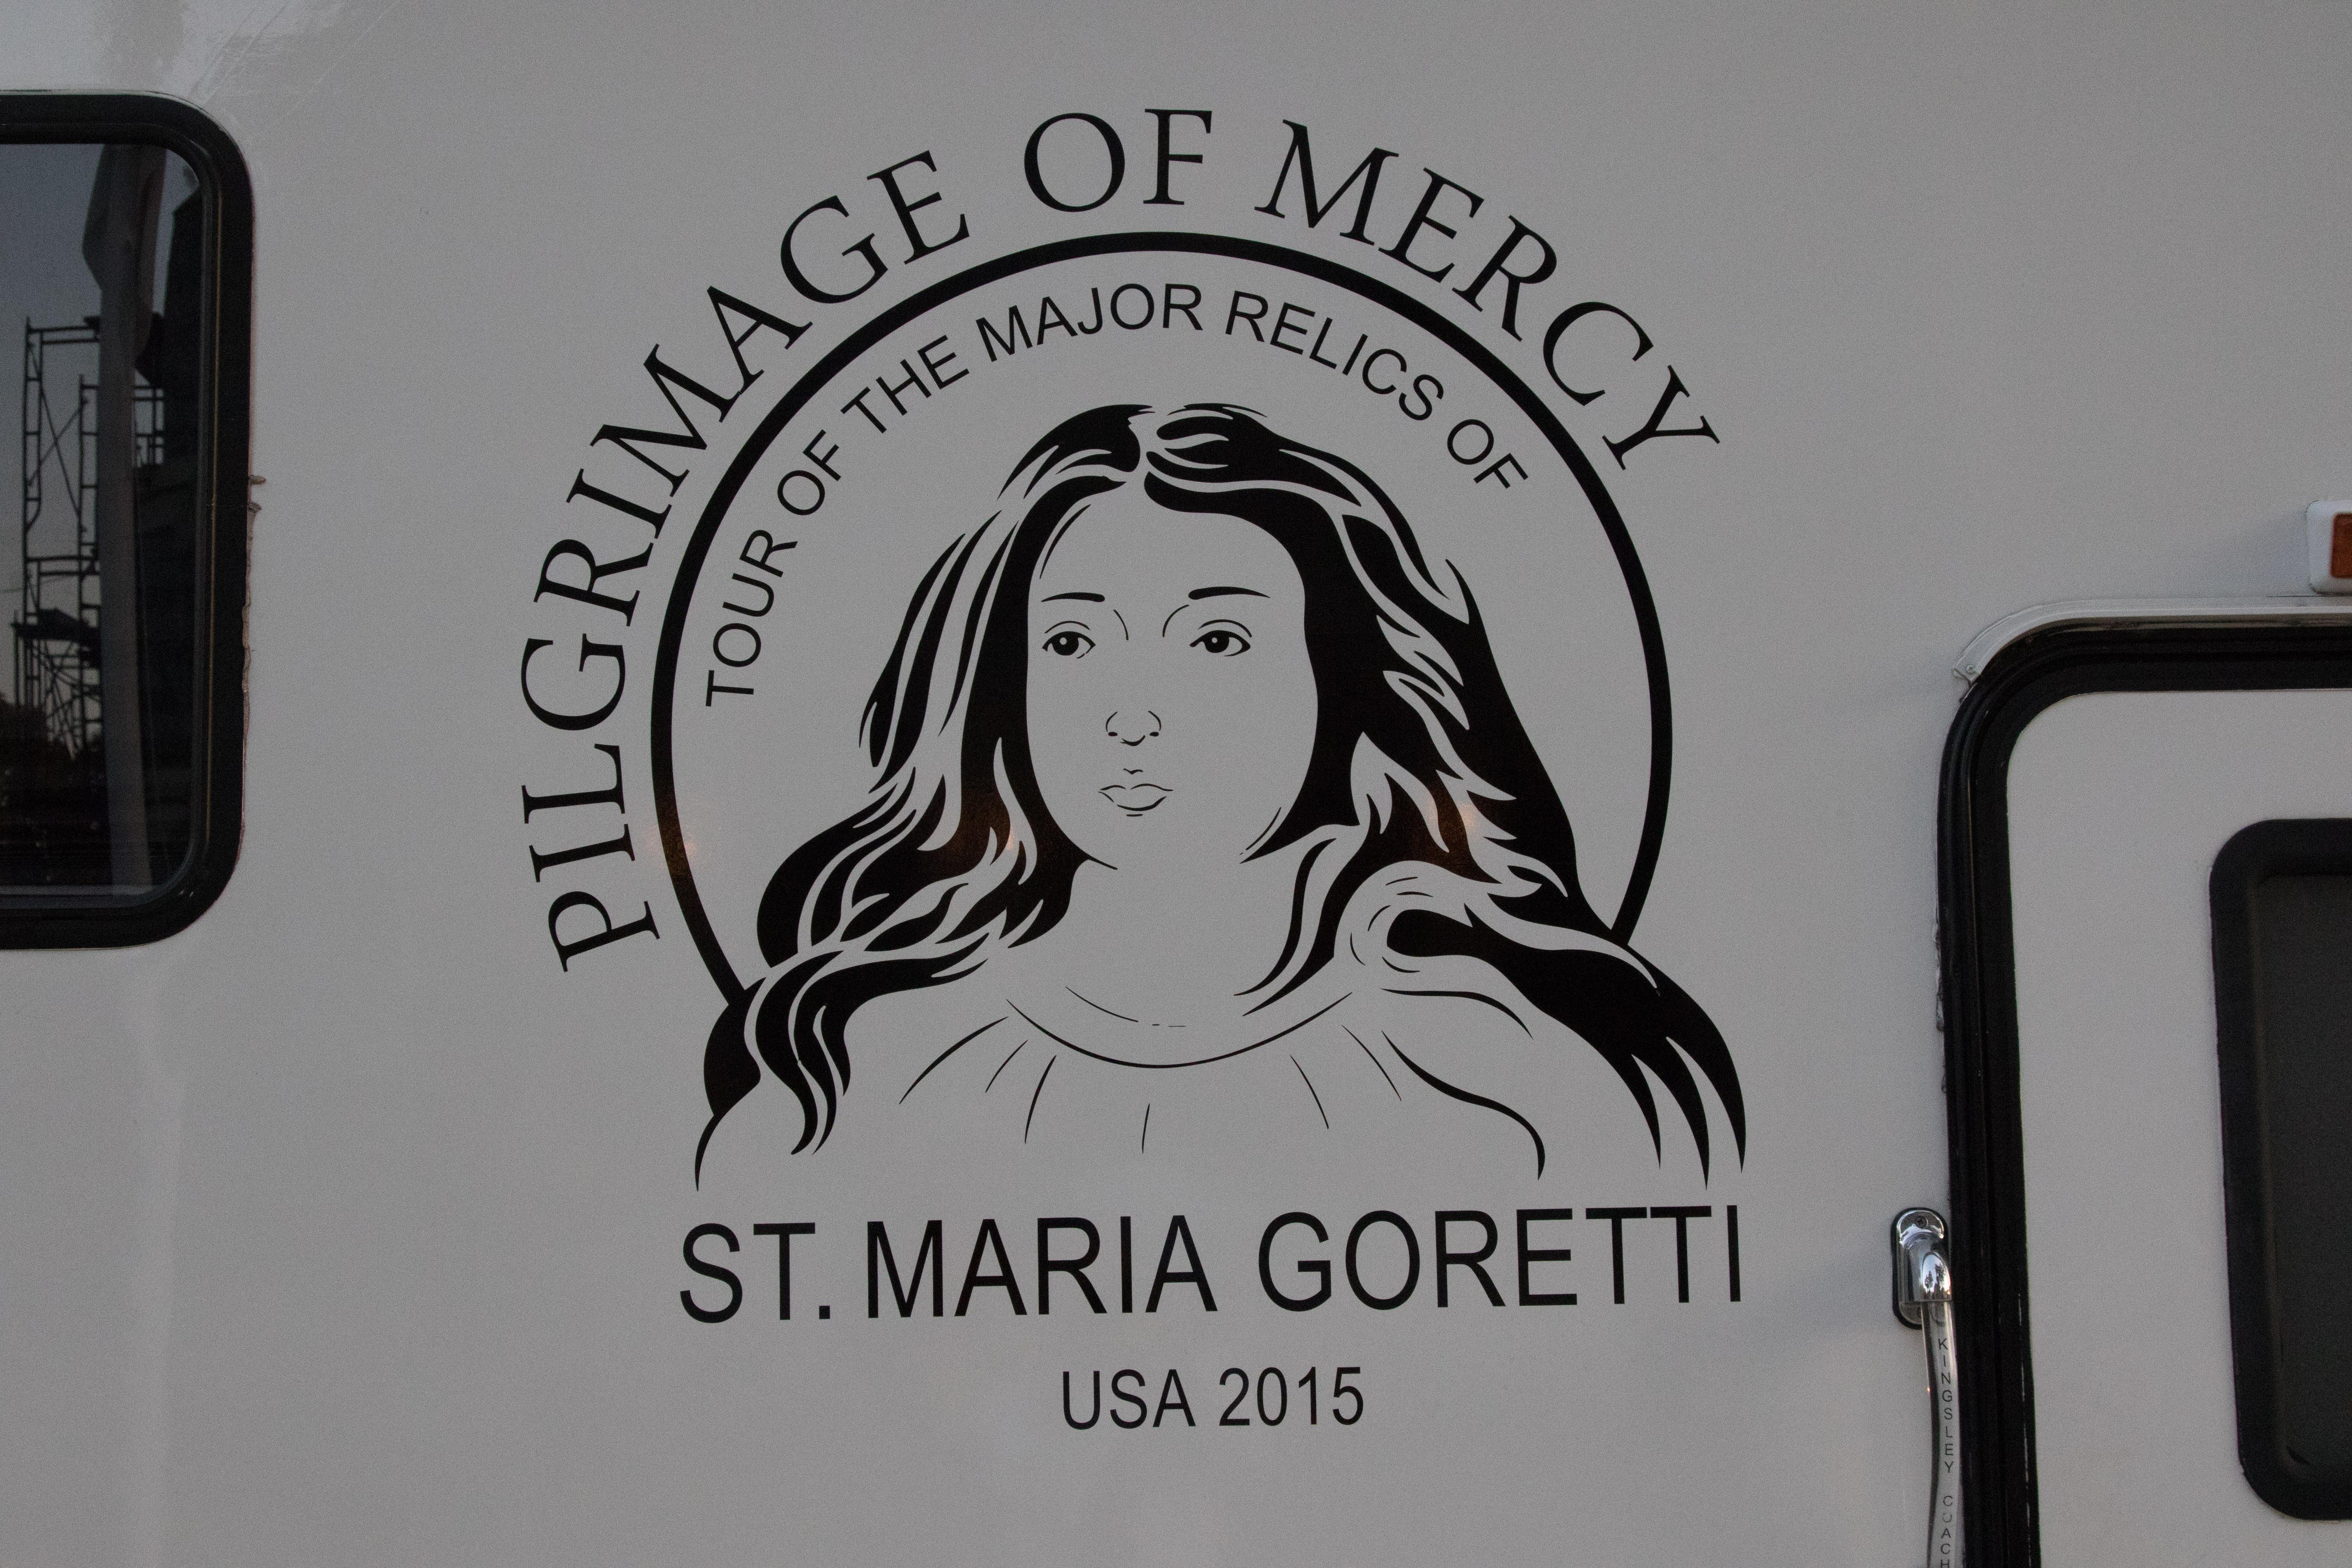 10/07/2015 - Saint Maria Goretti